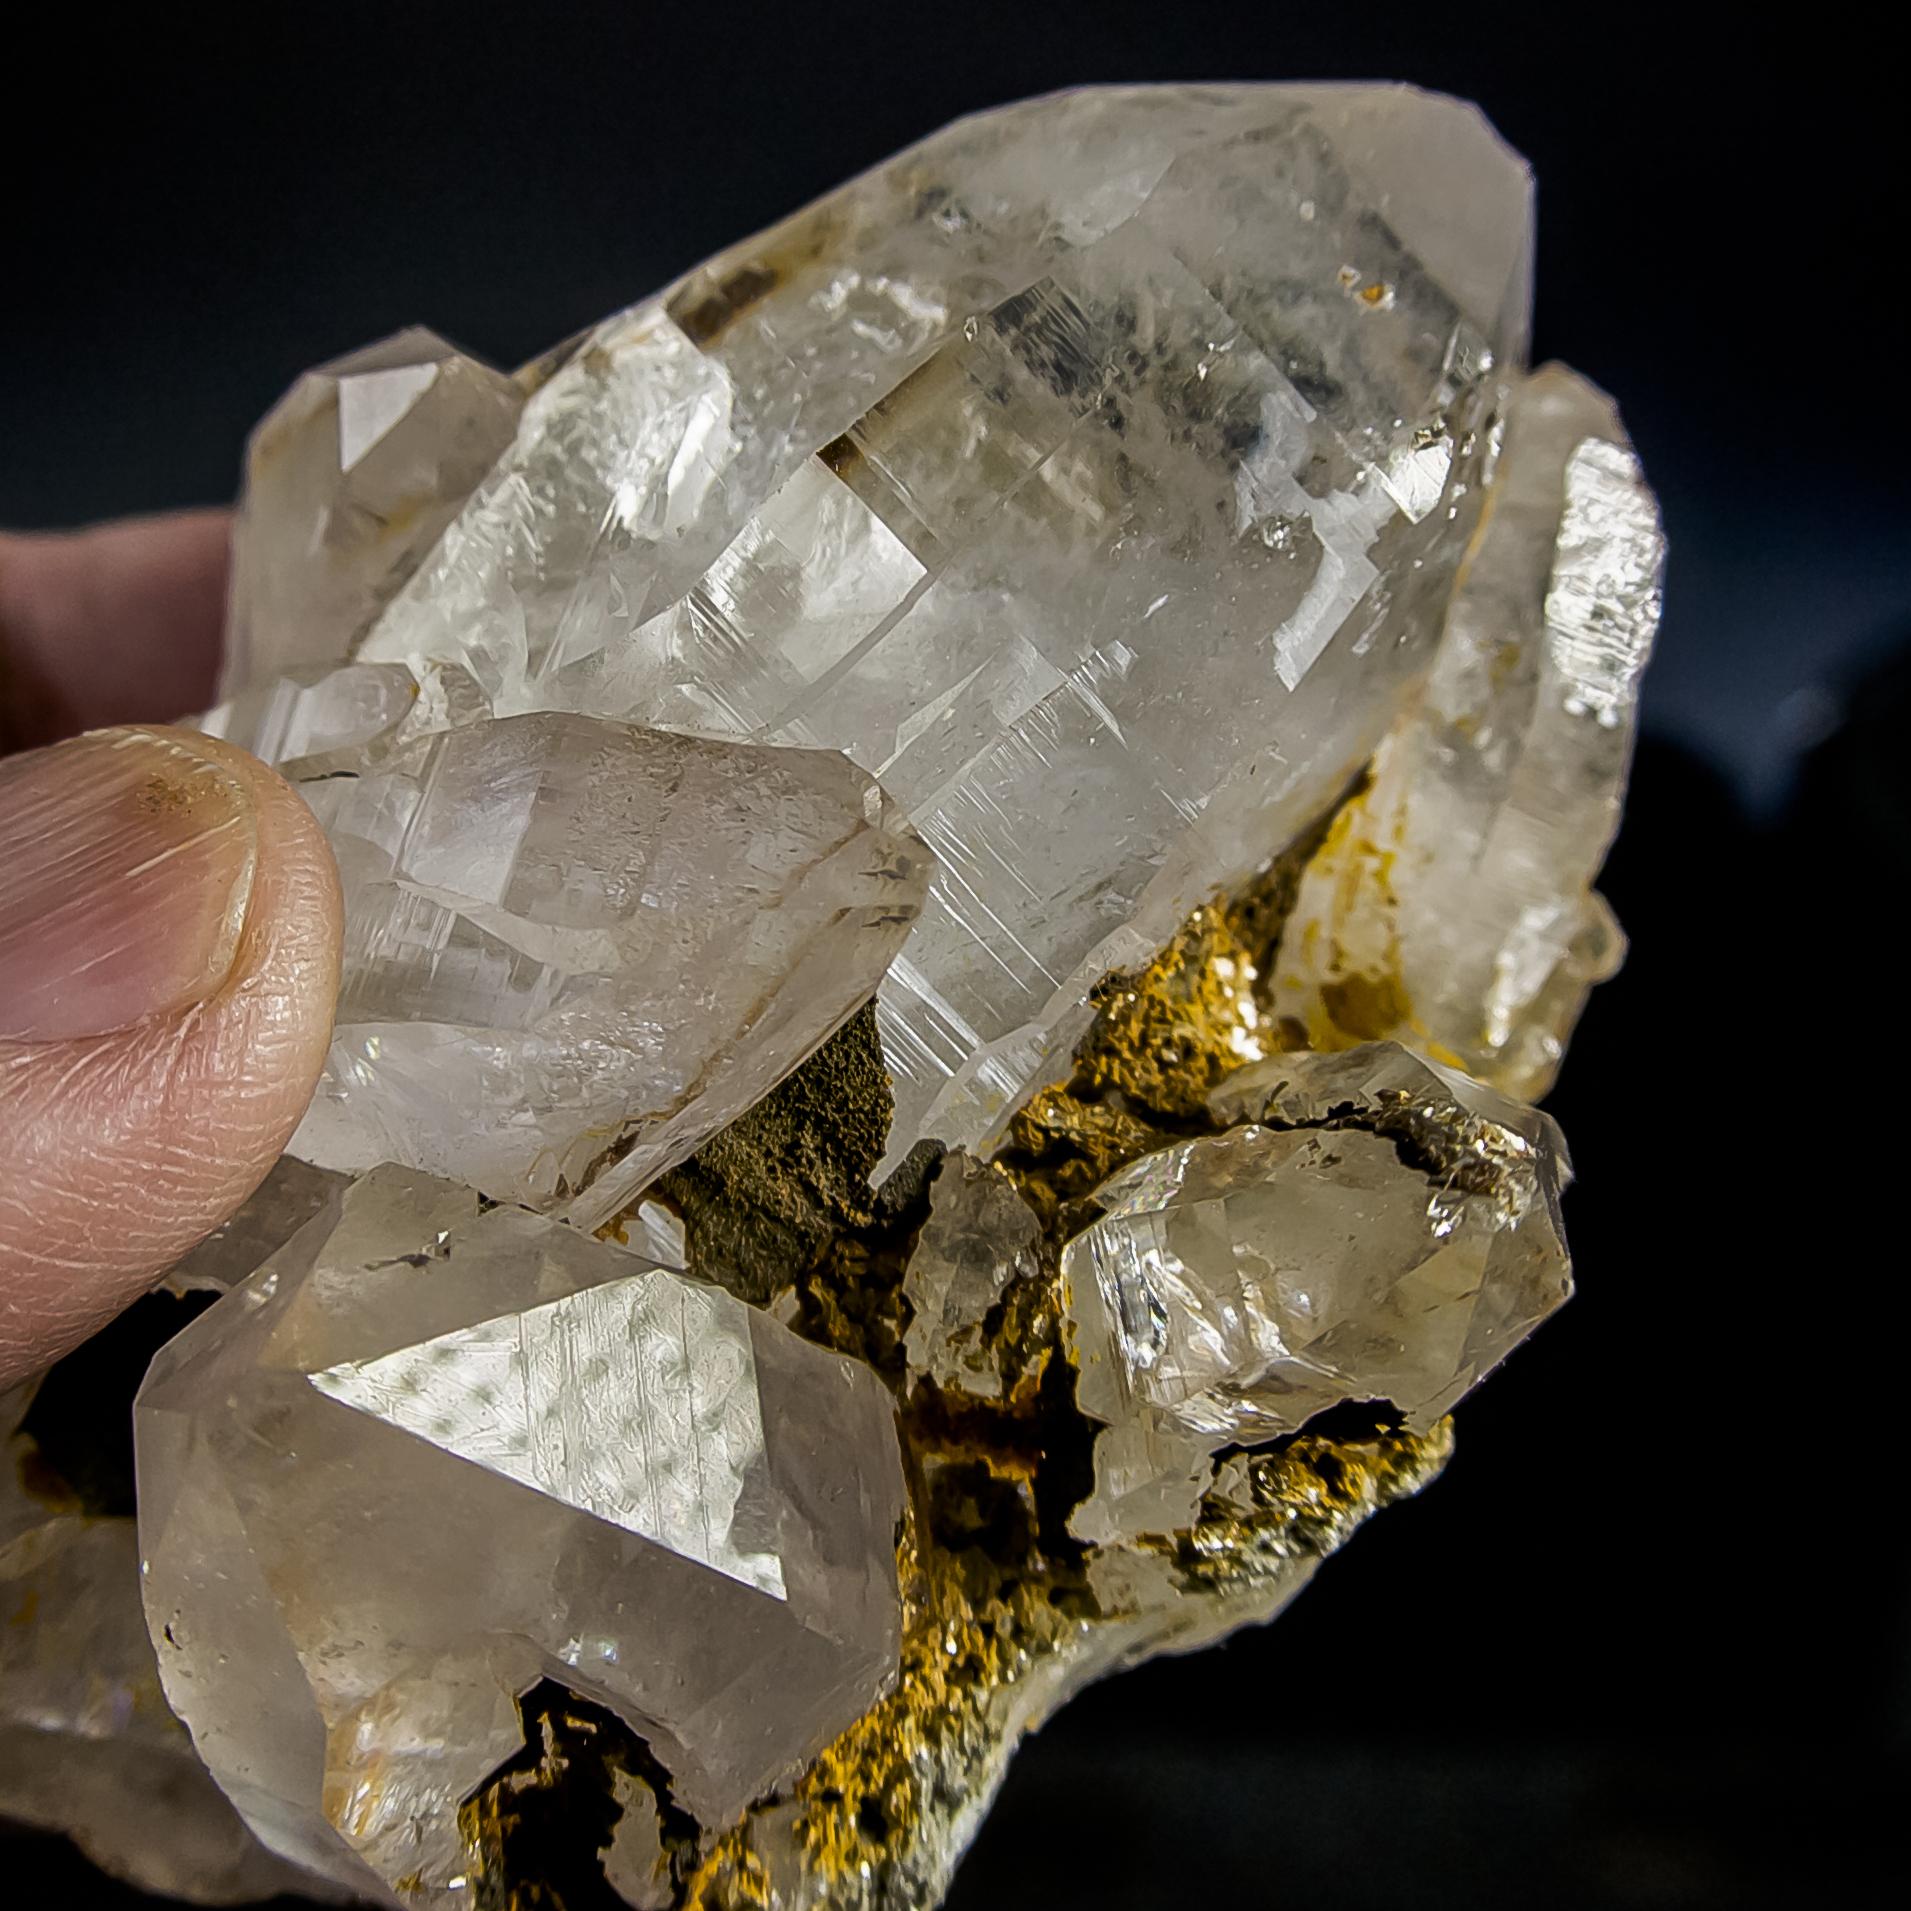 ヒマラヤ水晶 ティップリン産水晶クラスター ガネーシュヒマール レインボーhtpc-4